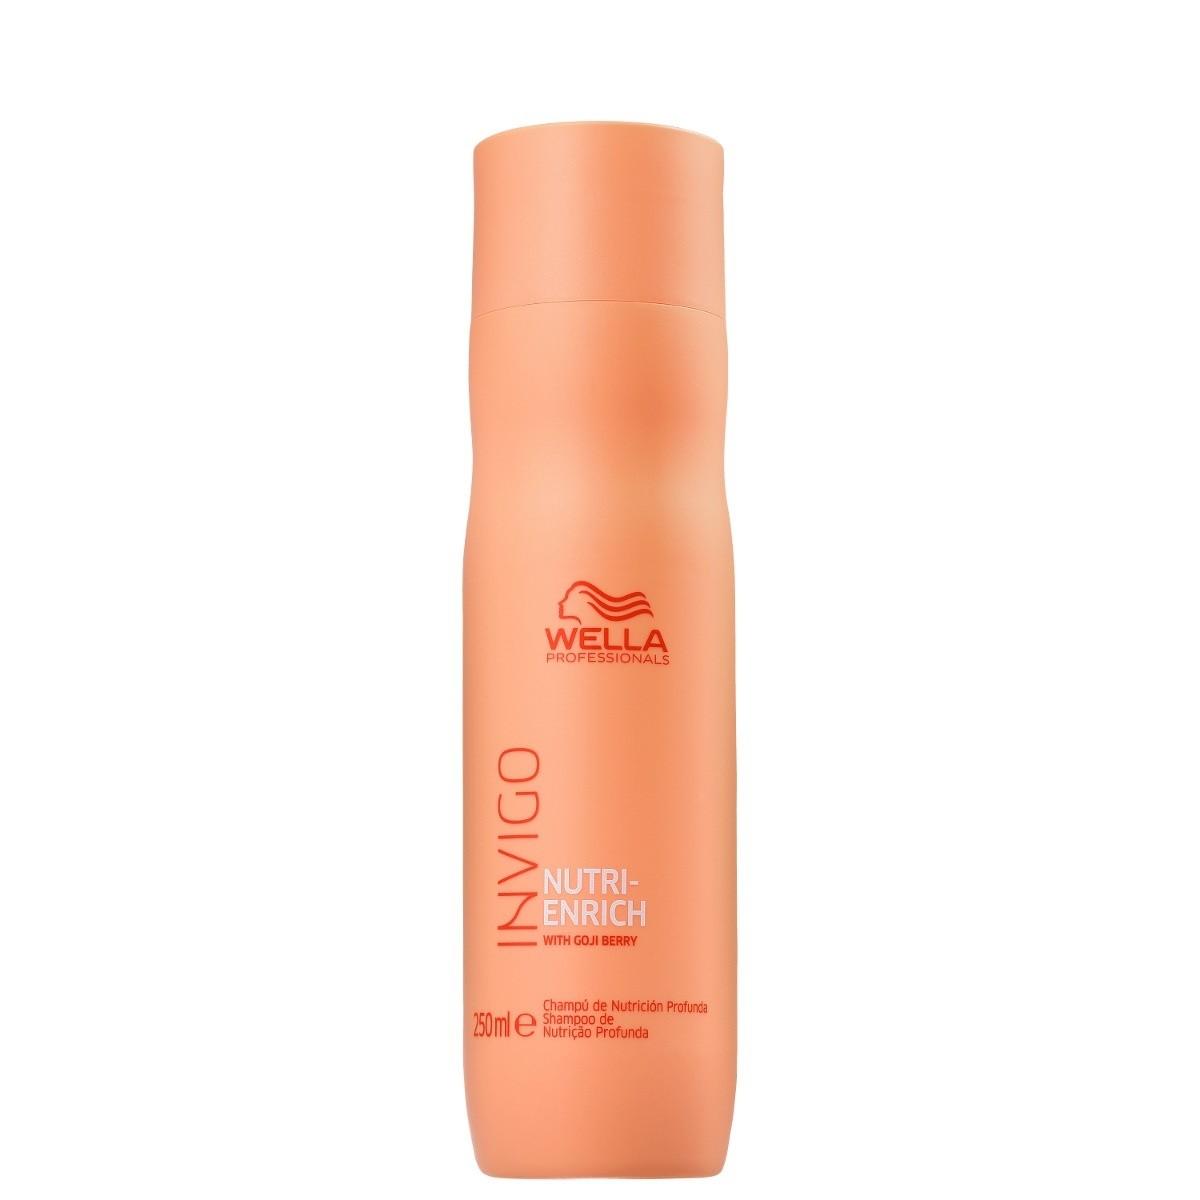 Shampoo Invigo Nutri Enrich - 250ml - Wella Professionals